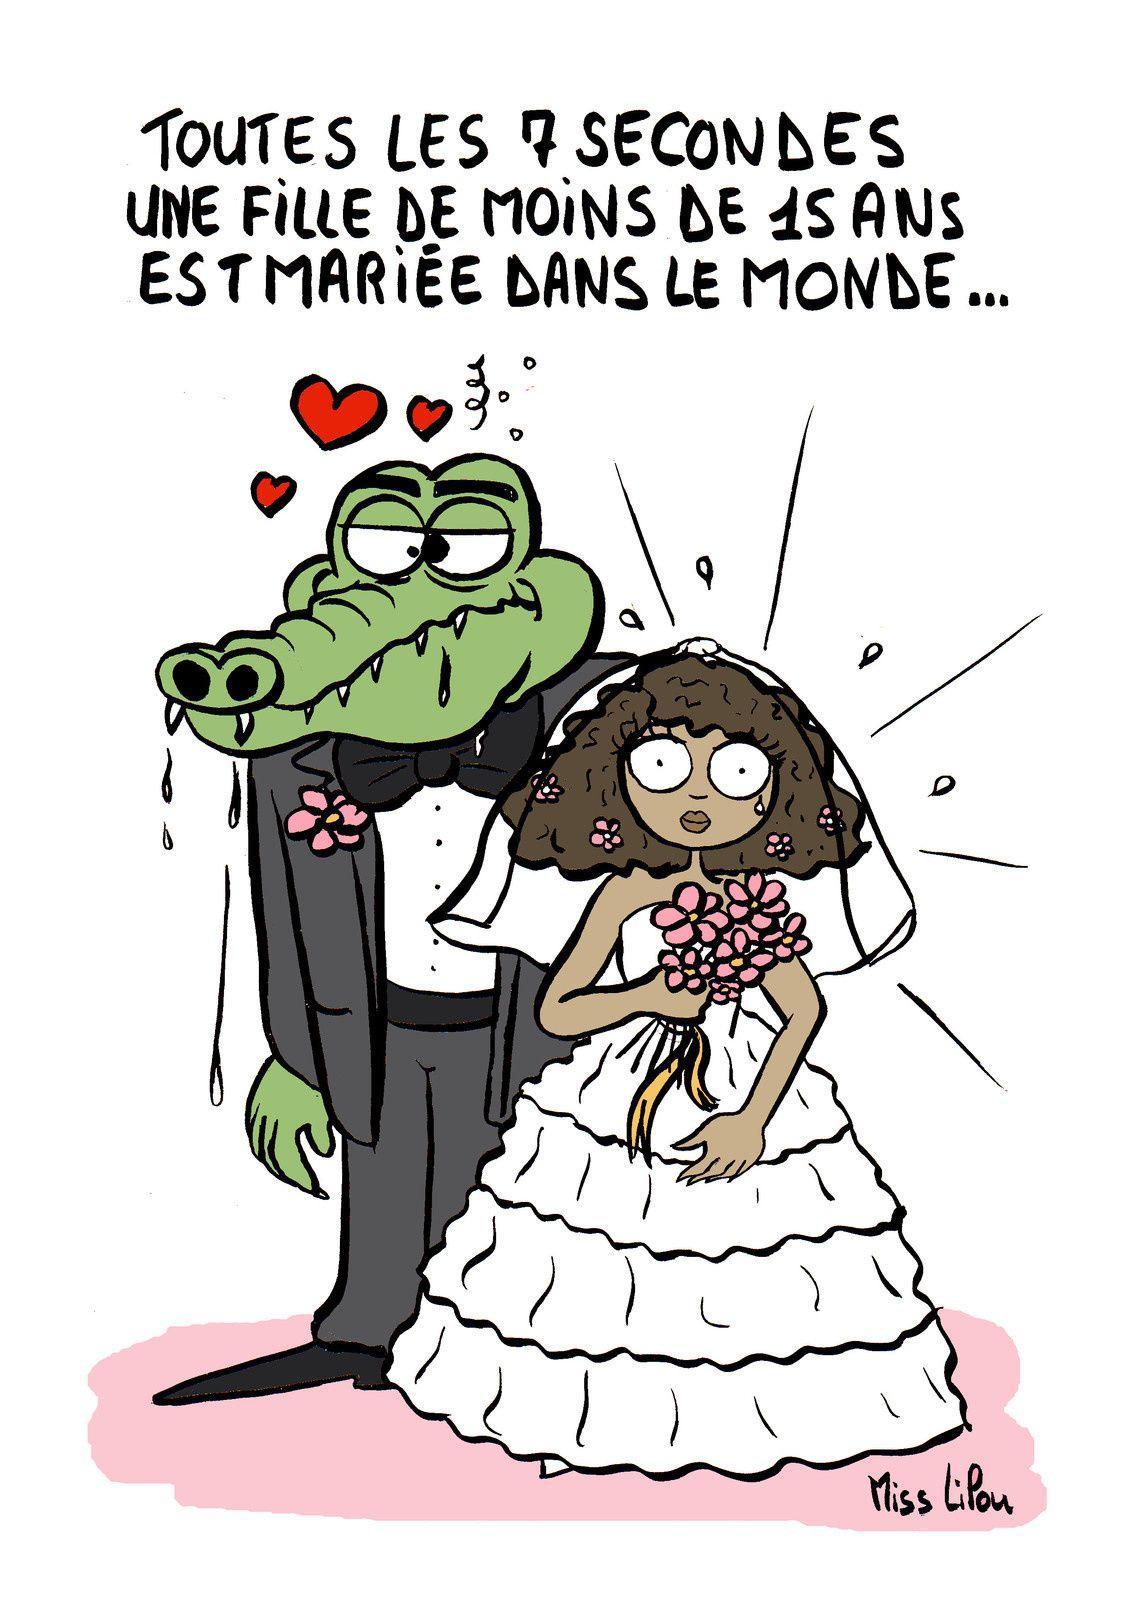 MARIAGE FORCÉ : toutes les 7 secondes une fille de moins de 15 ans est mariée dans le monde...